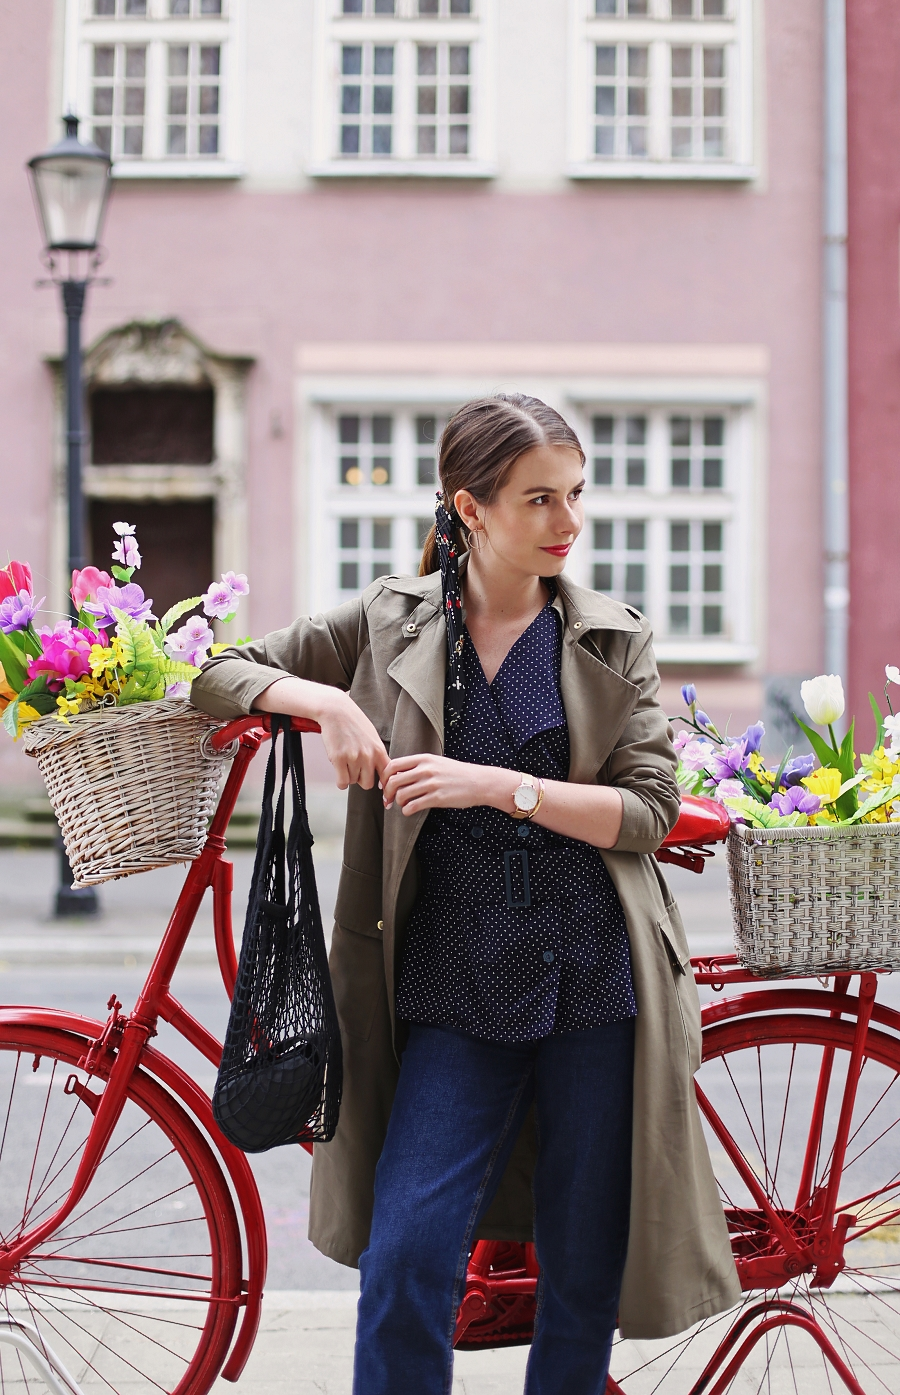 Koszula vintage w groszki, mom jeans, trencz khaki, siatka na zakupy PRL